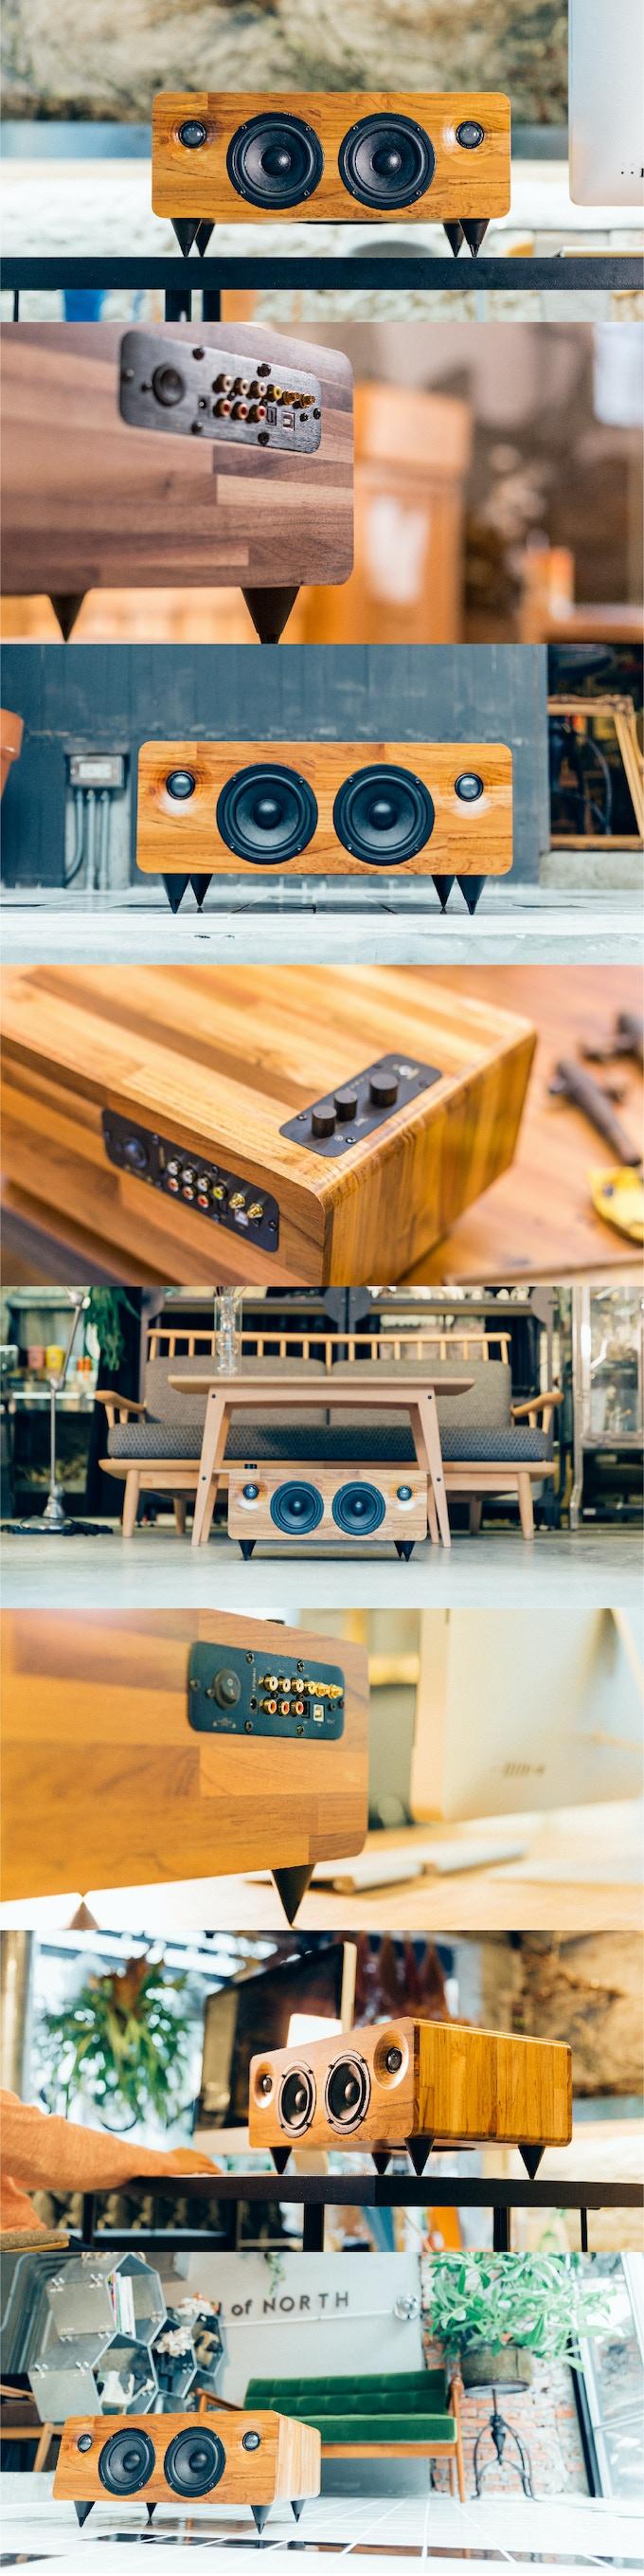 MIN7 : The Multi-function Handmade Wooden Speaker by Minfort